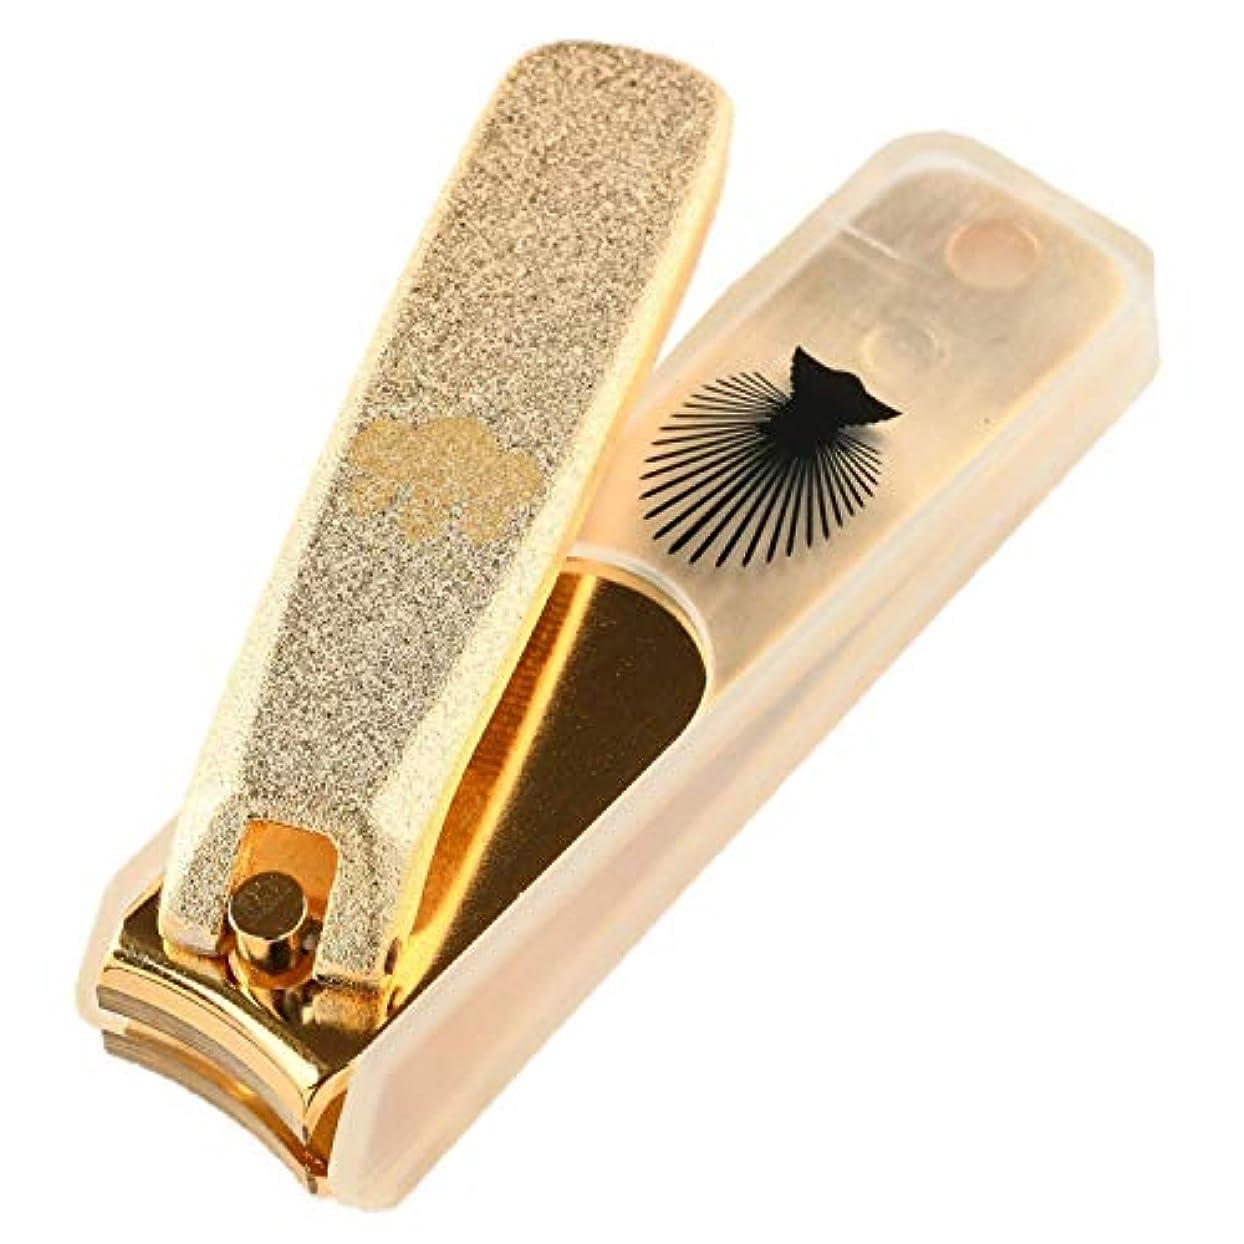 NIKKEN ニッケン刃物 関伝の美 武将爪切り 豊臣秀吉モデル ゴールド NL-18H